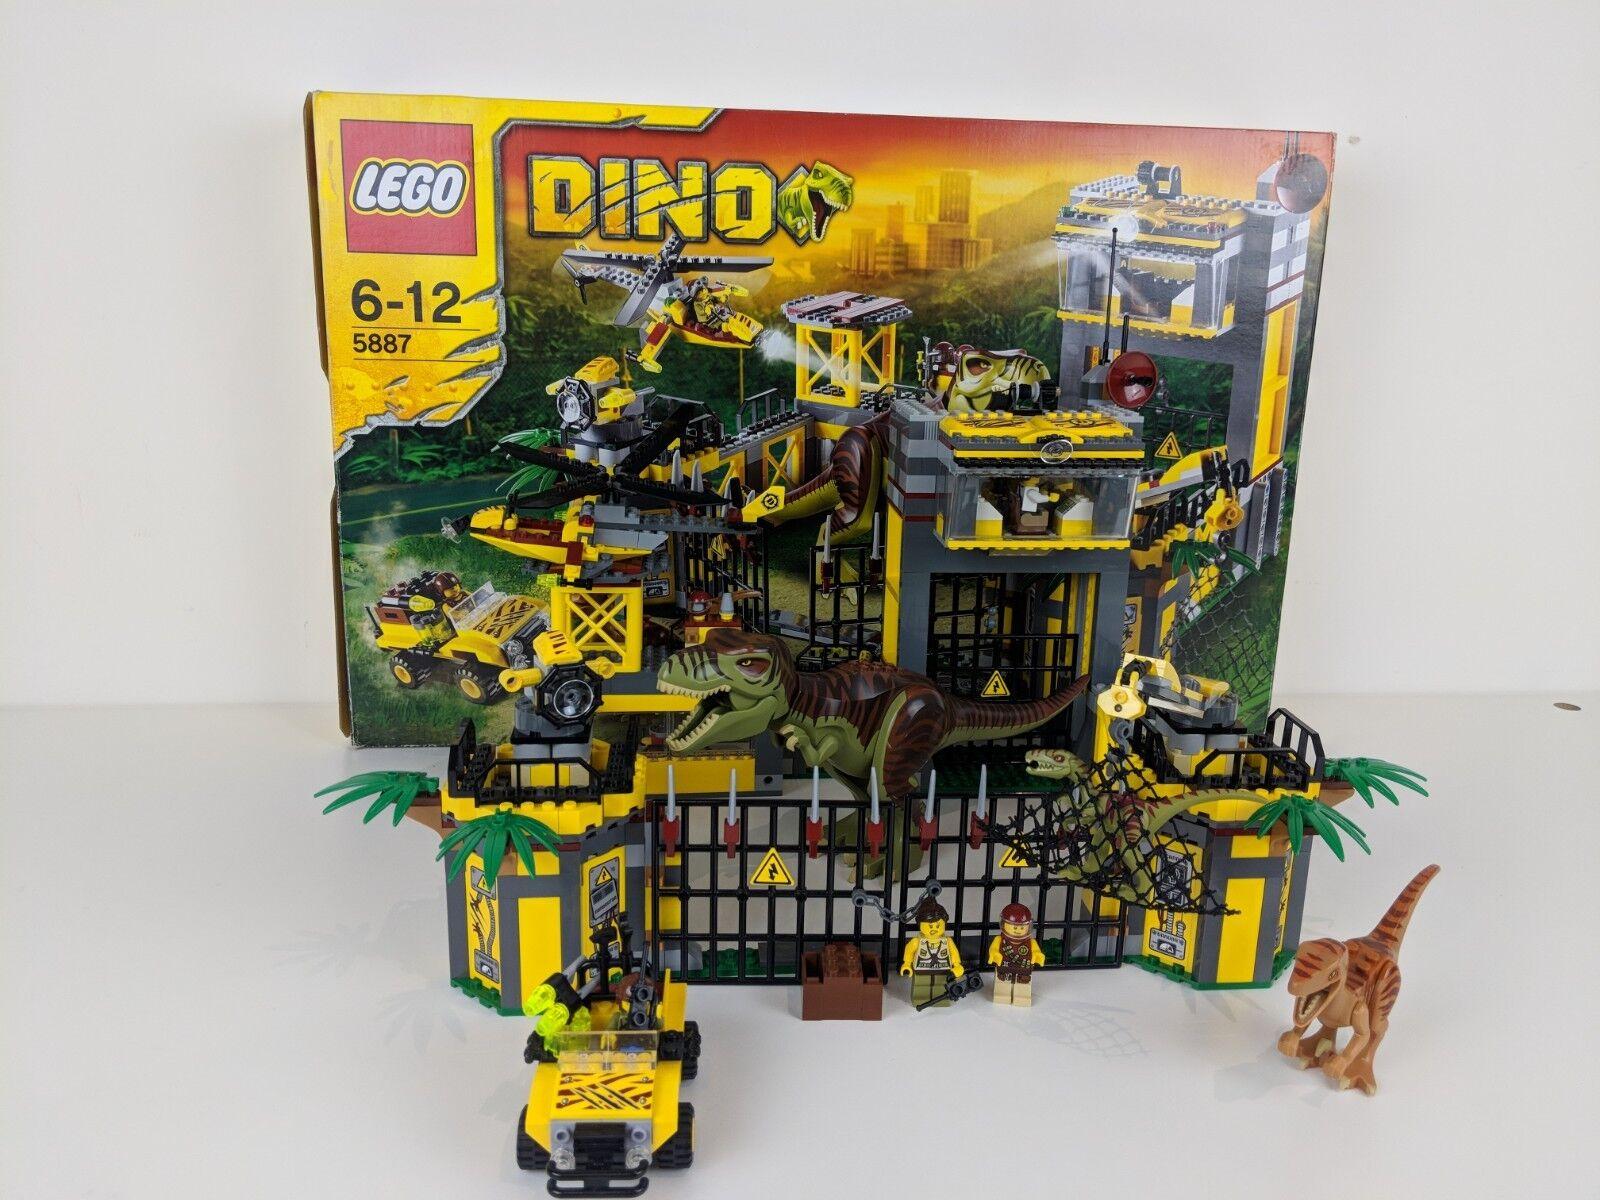 LEGO CITY Dino Dinosauri Set 5887 DINO DIFESA HQ 2012 completa SPEDIZIONE GRATUITA